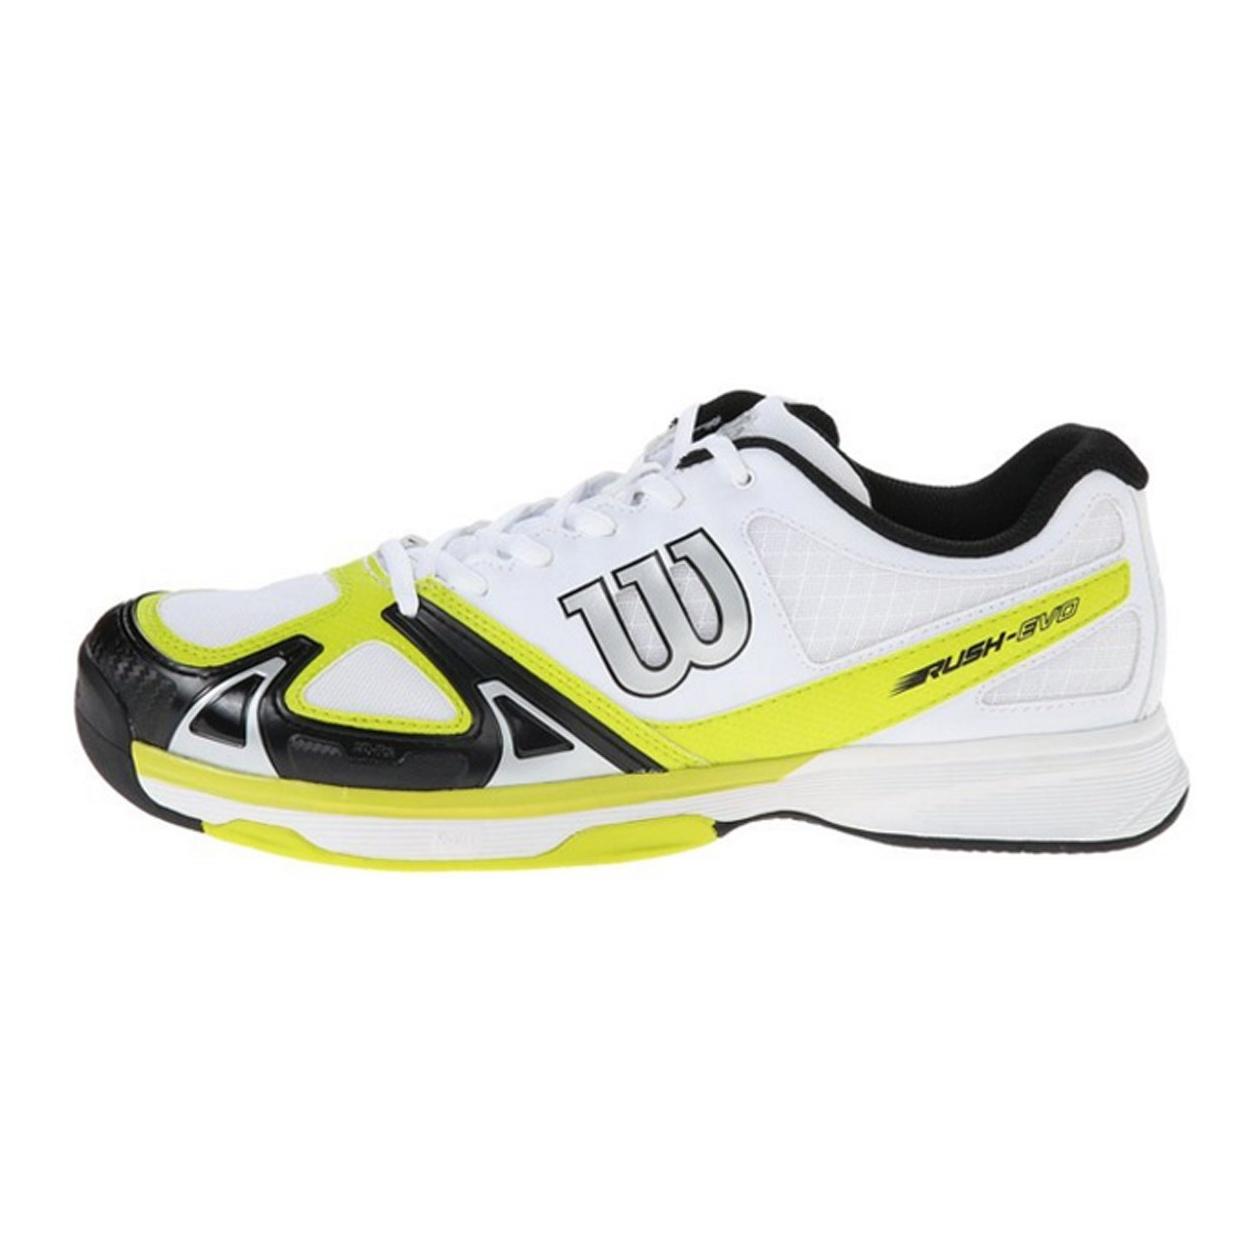 کفش تنیس مردانه ویلسون مدل Rush Evo